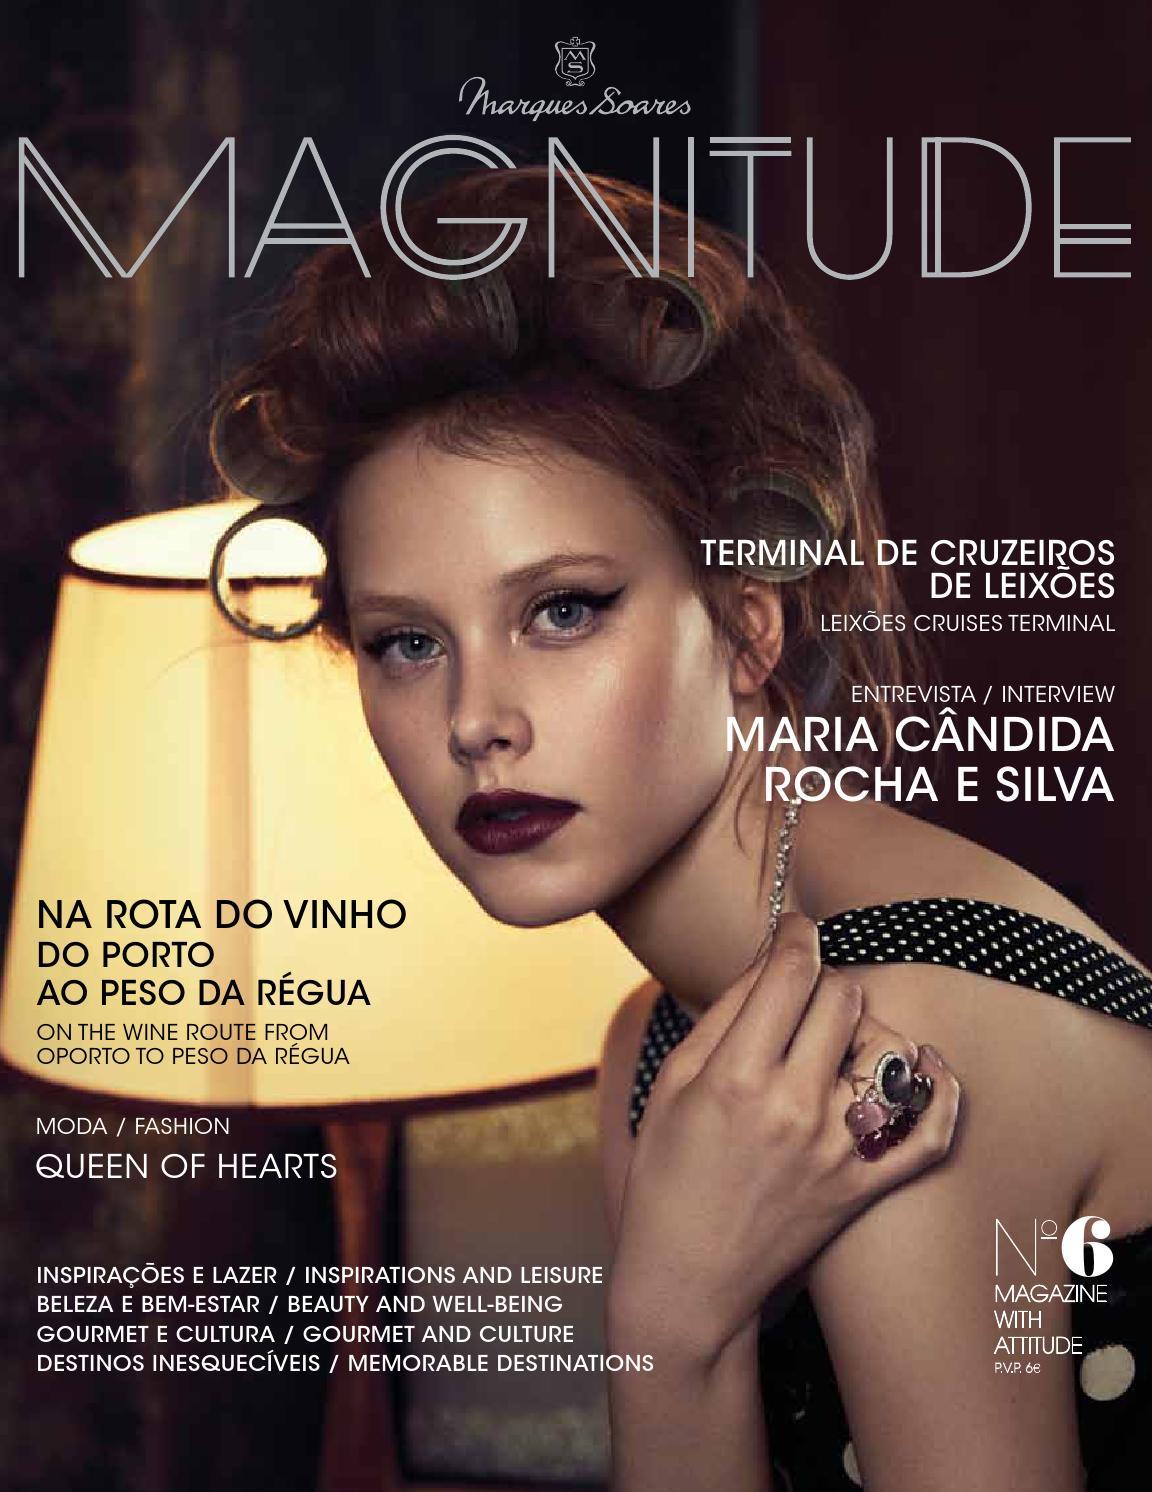 189729c11f4 Magnitude Nº6 - Primavera Verão 2016 by Companhia das Cores - issuu